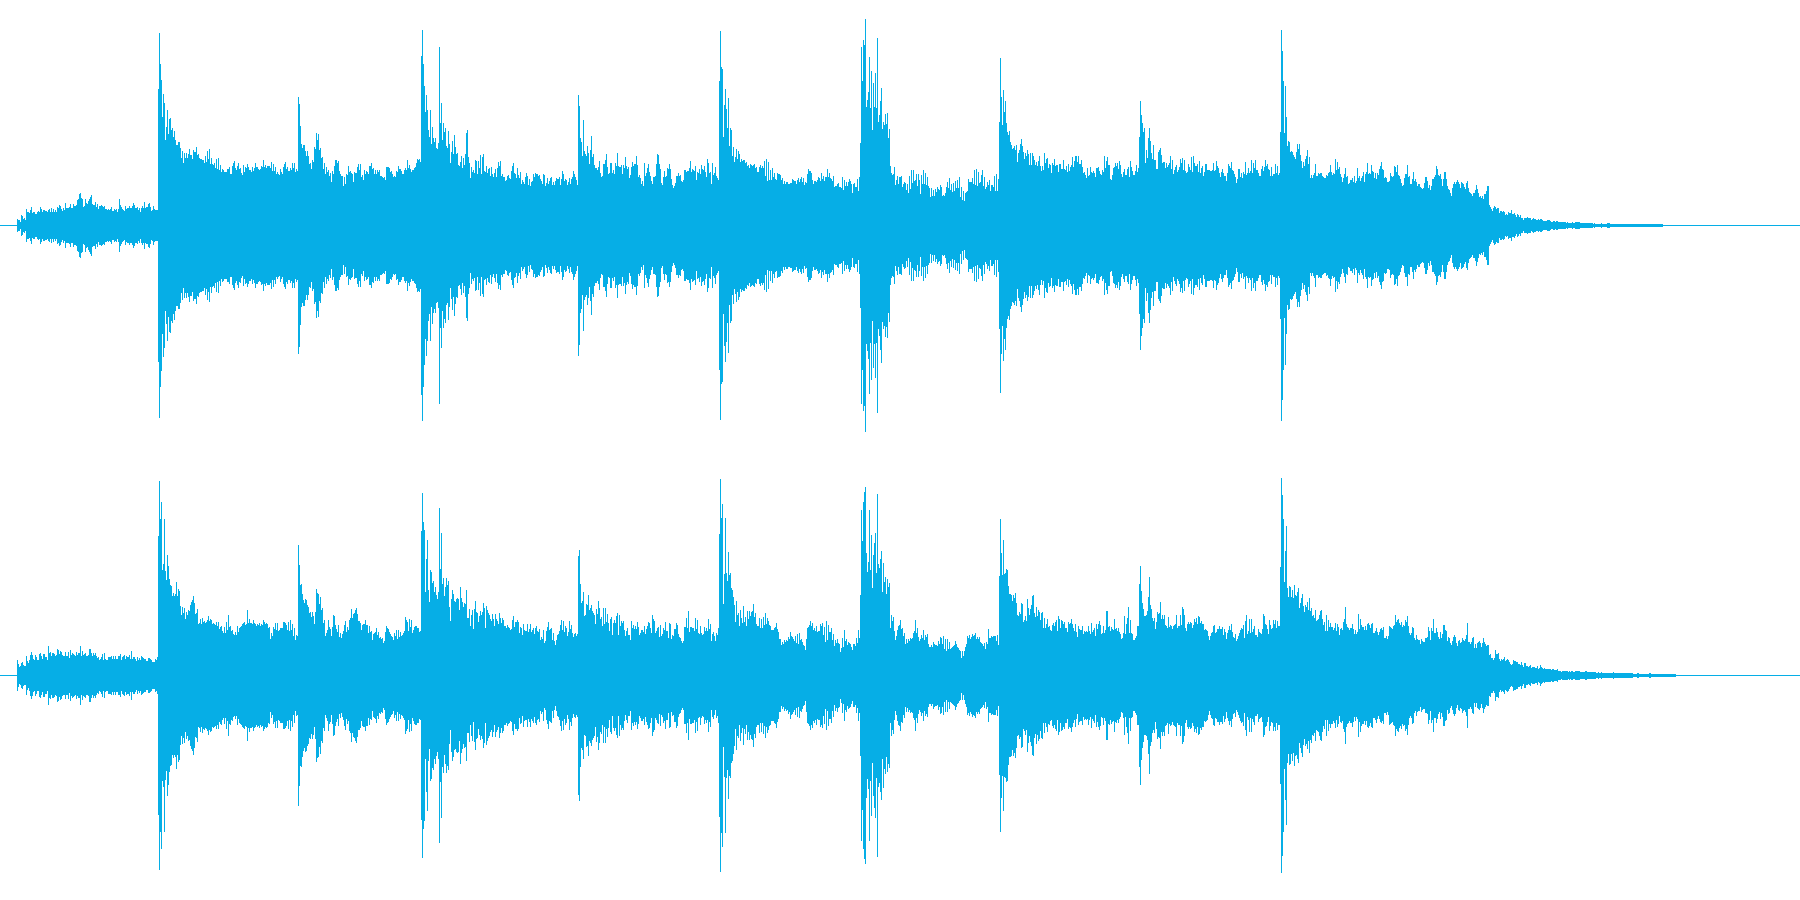 幻想的でスローテンポなリラクゼーション曲の再生済みの波形